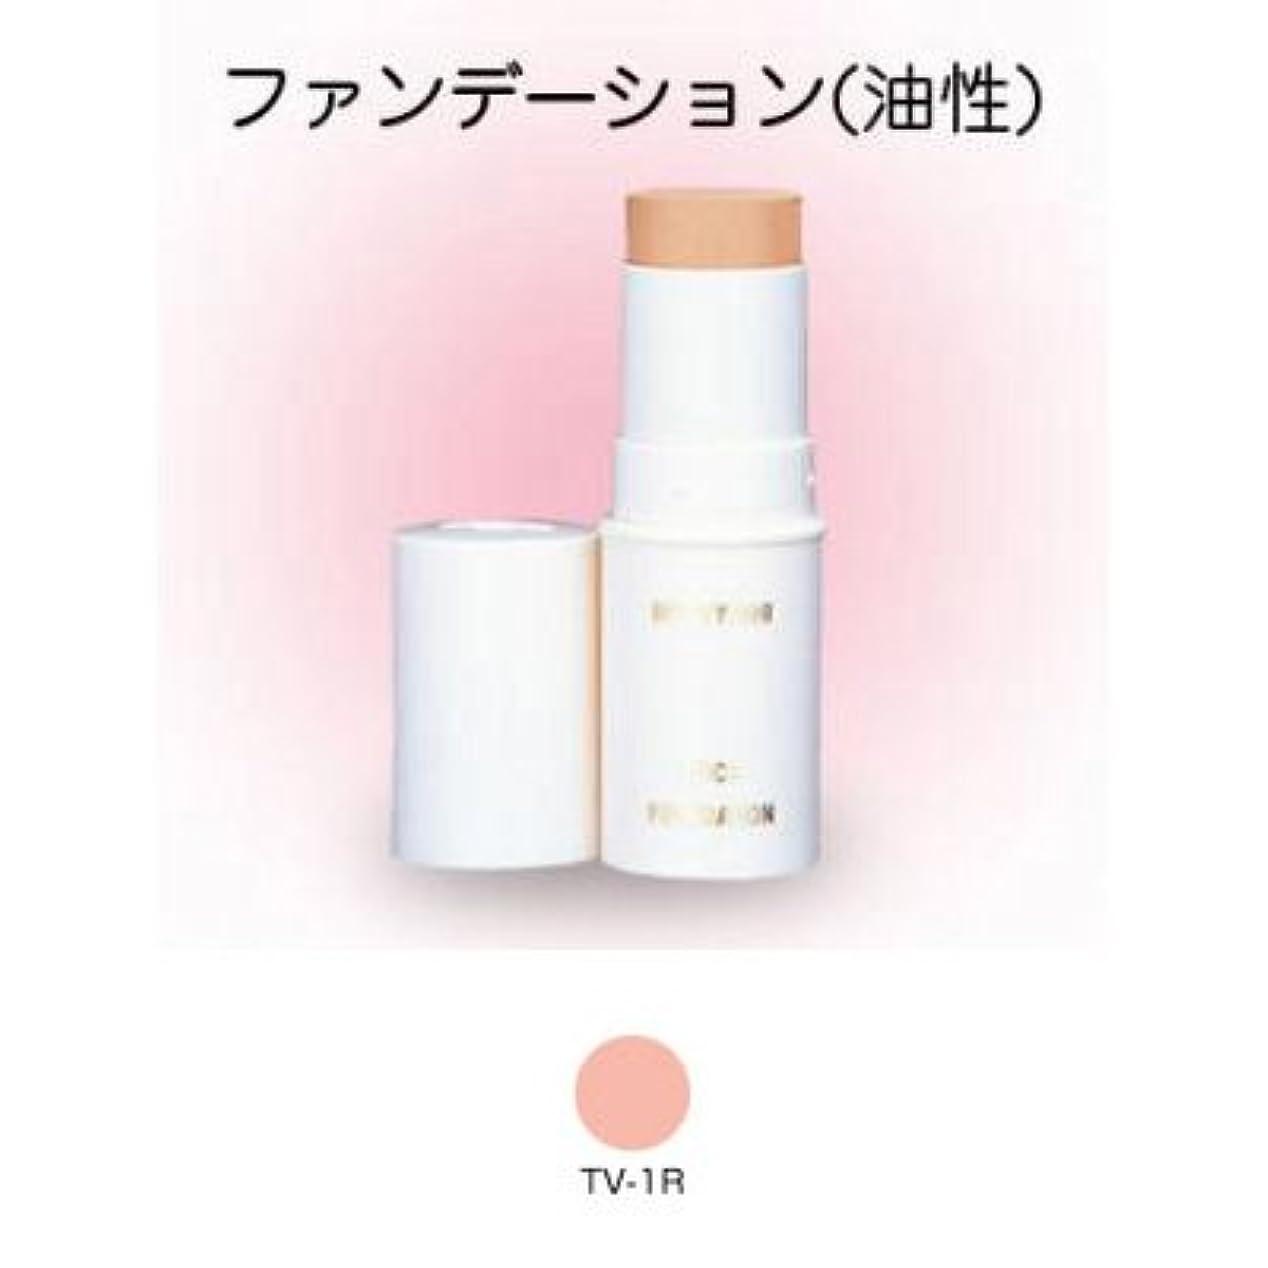 ちっちゃいゲームブレンドスティックファンデーション 16g TV-1R 【三善】